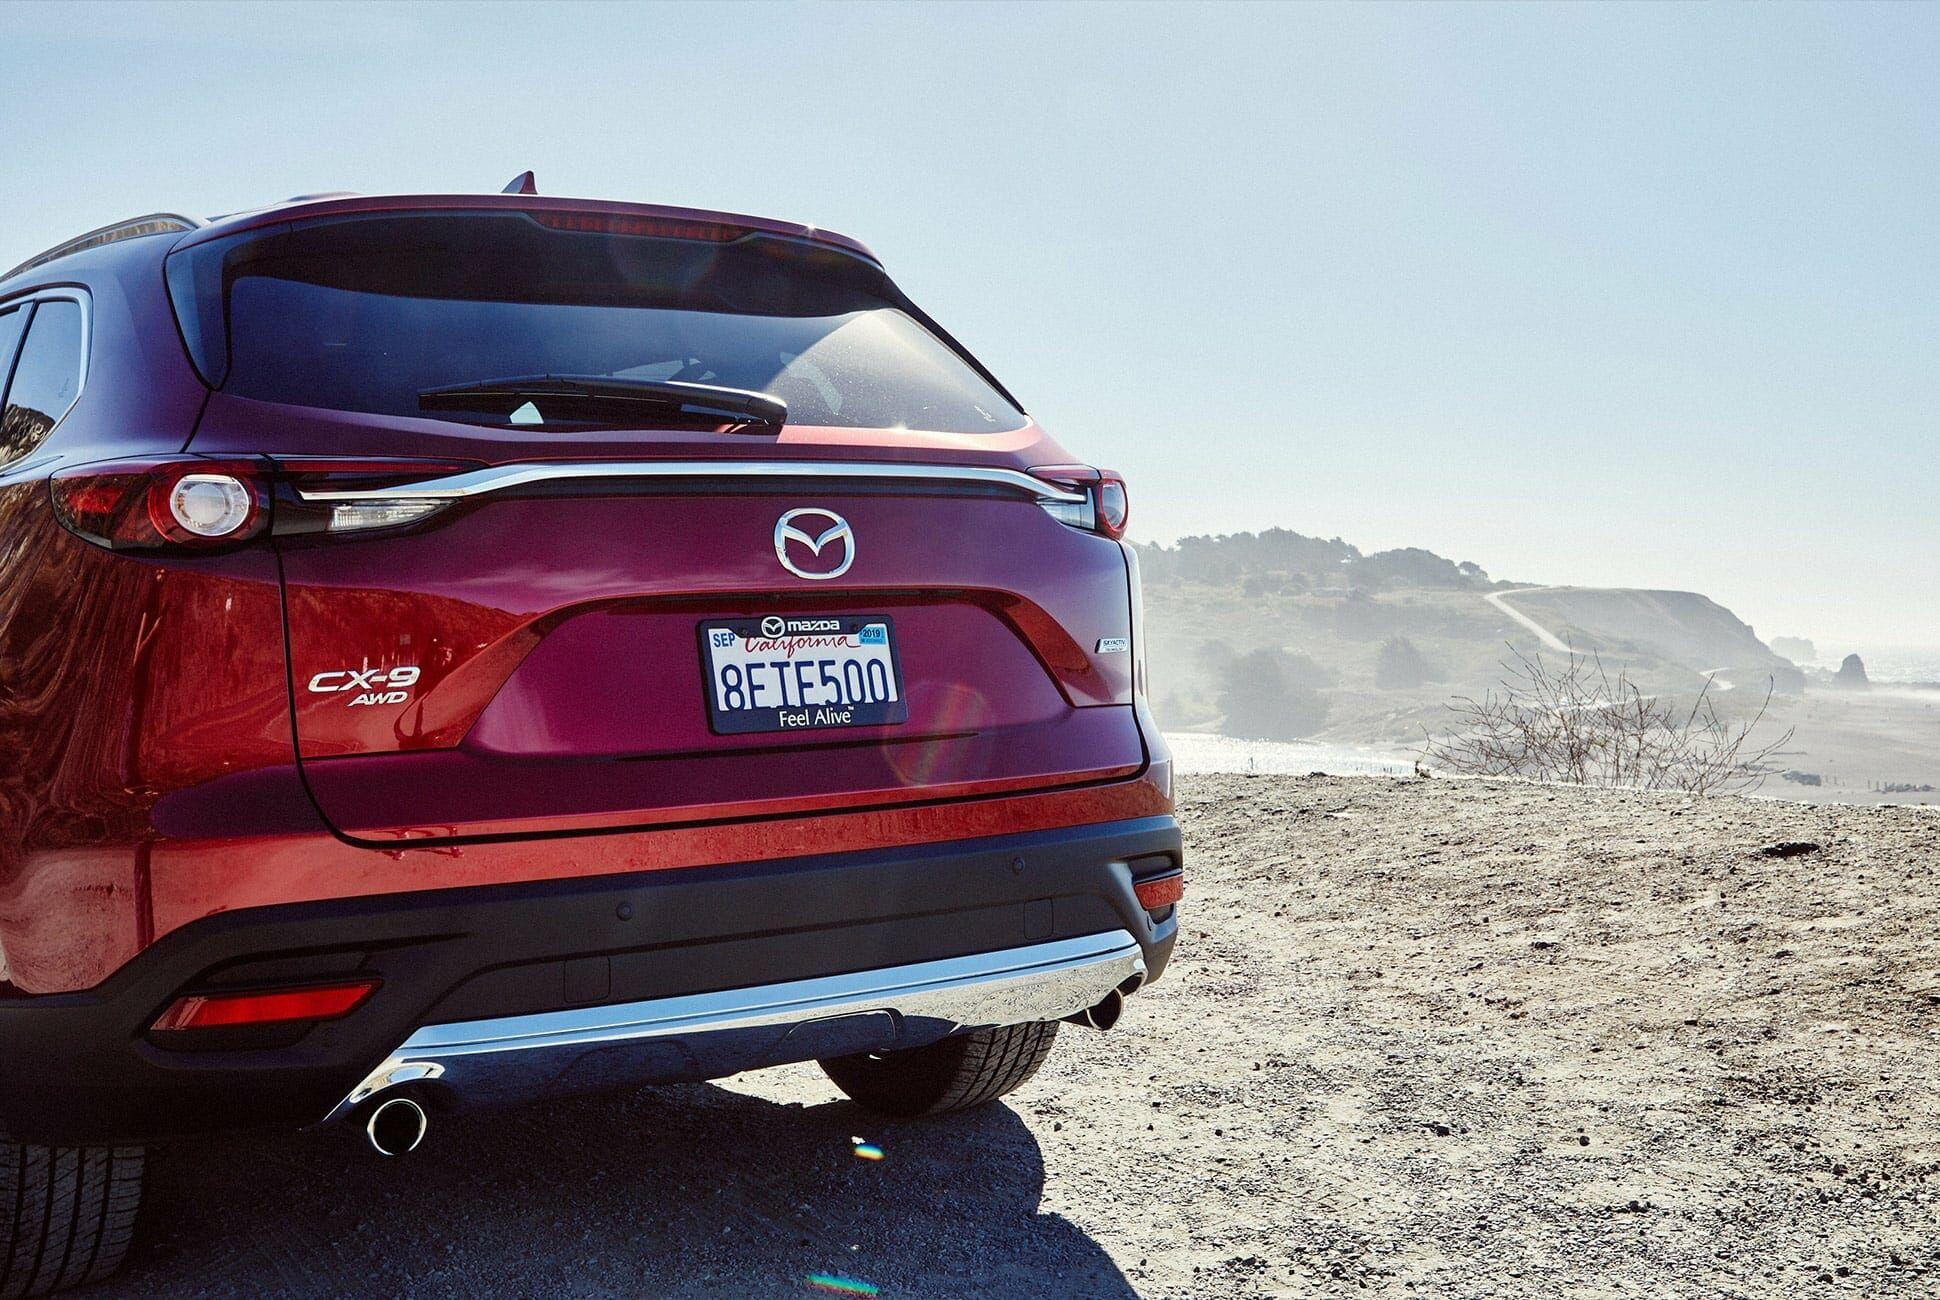 Mazda-CX9-Review-Gear-Patrol-slide-4